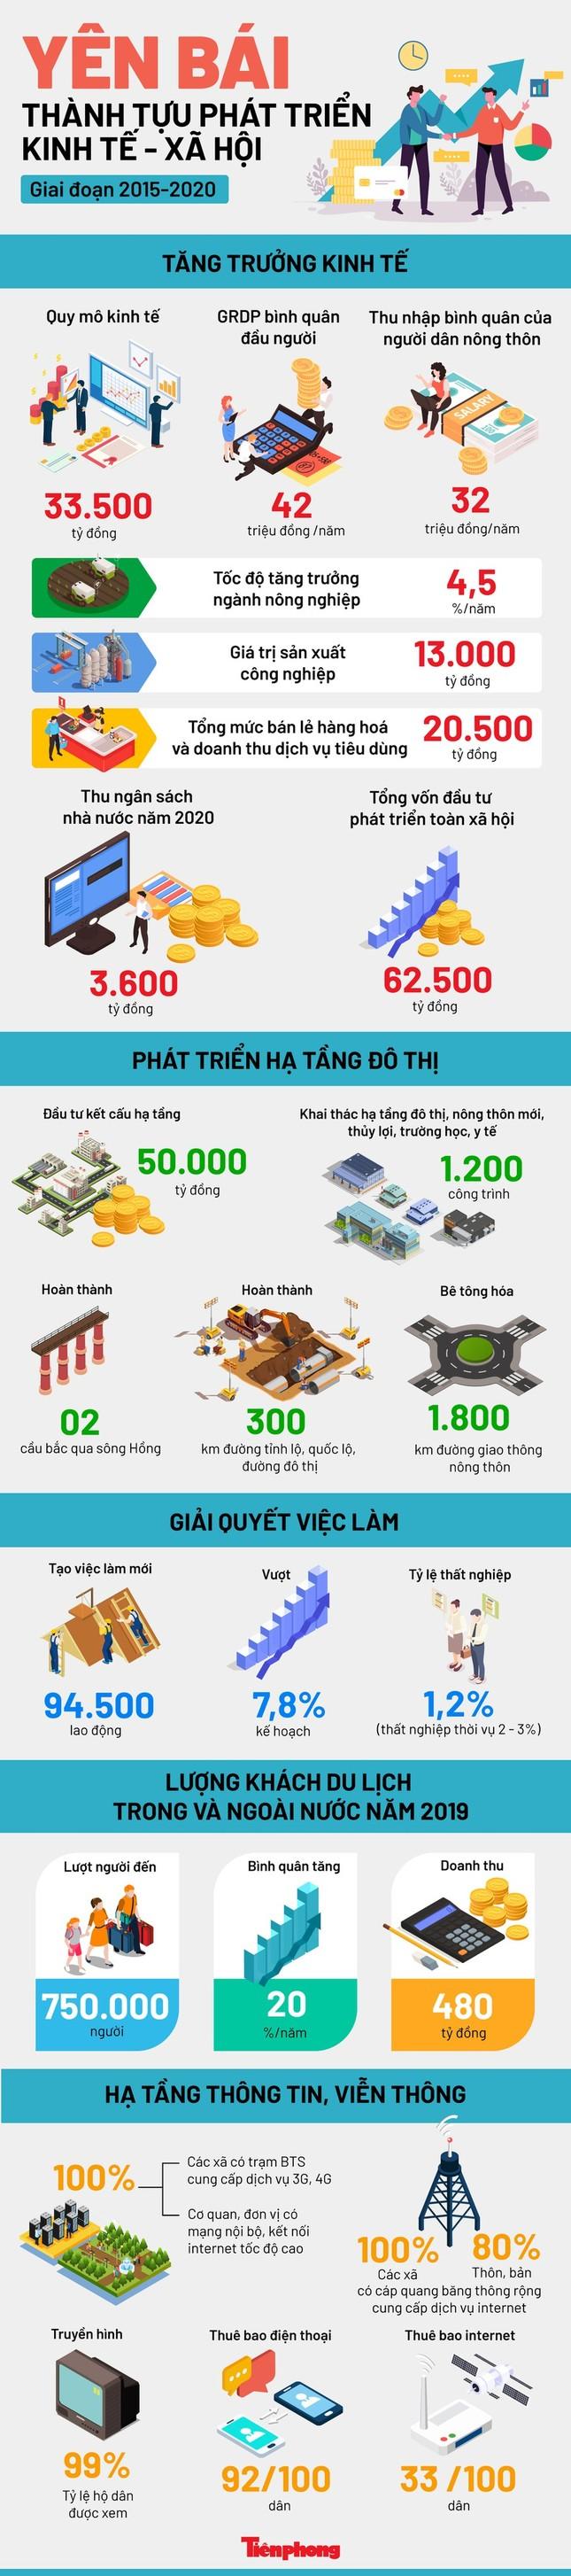 Bí thư Yên Bái Phạm Thị Thanh Trà không tham gia BCH Đảng bộ tỉnh khóa mới ảnh 2